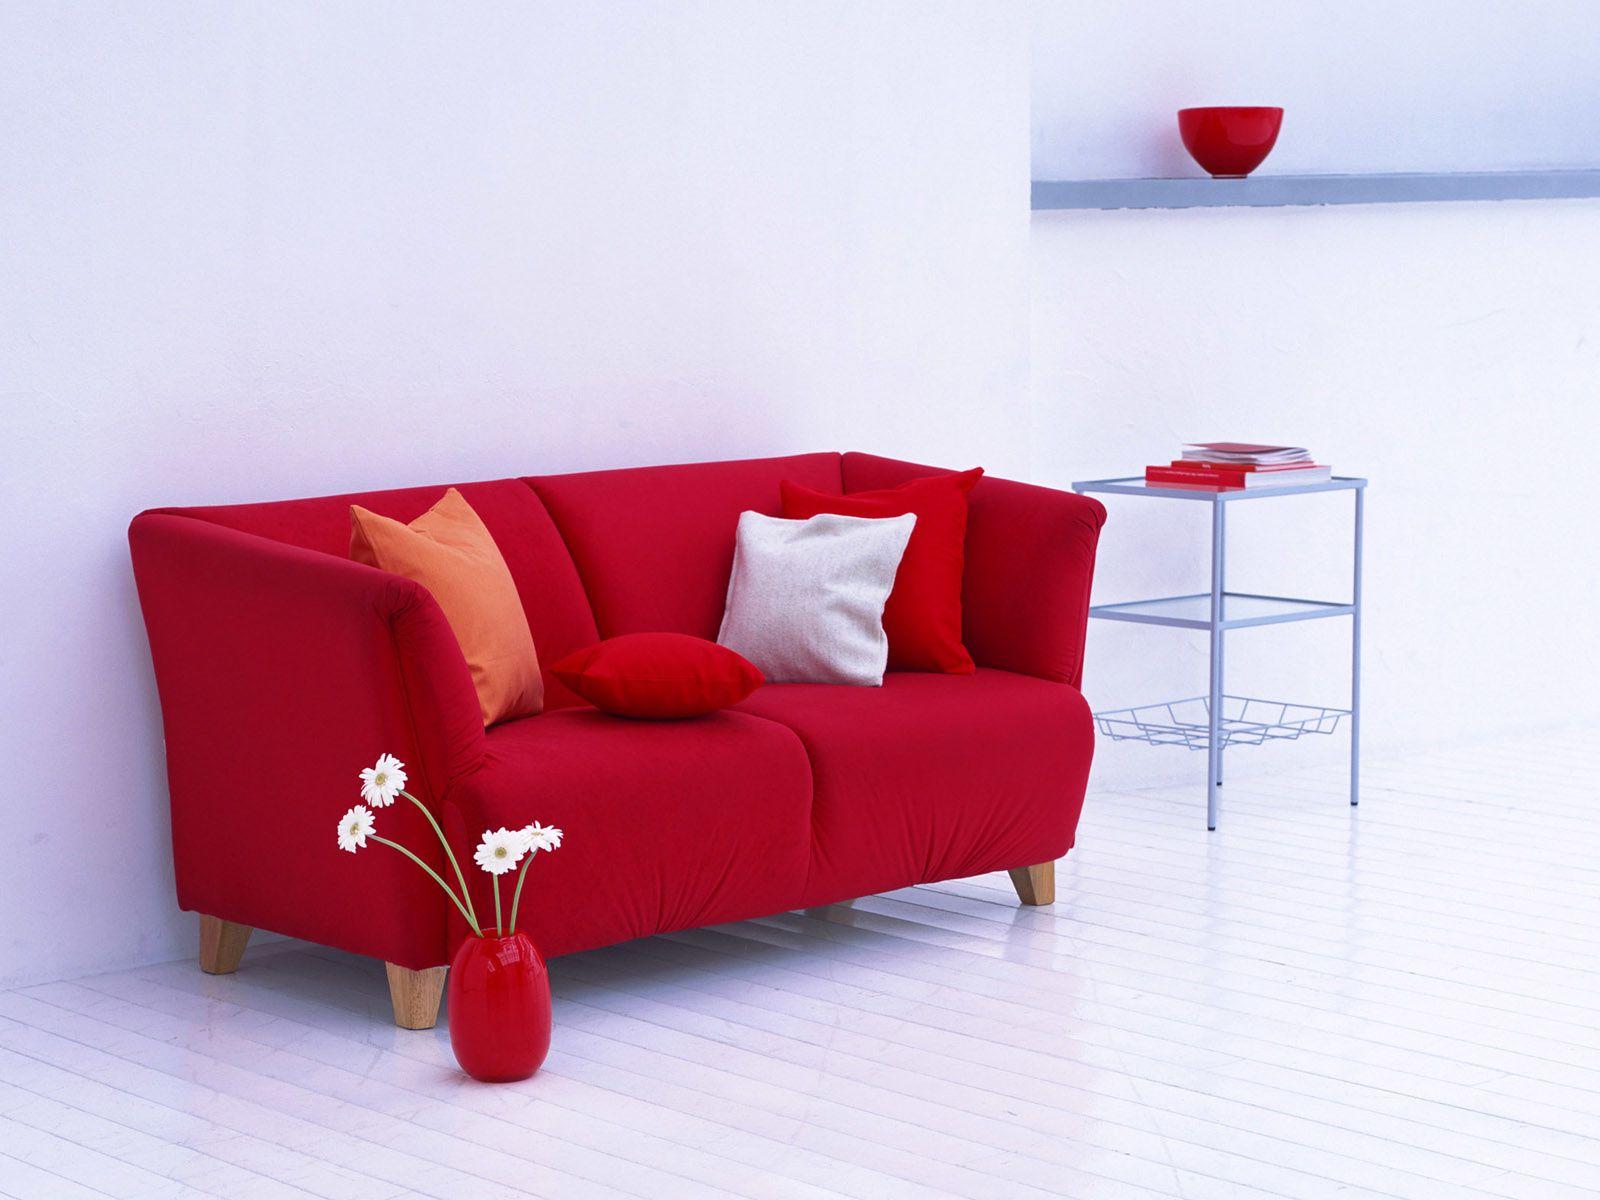 Décoration - Maison - Wallpaper - Free